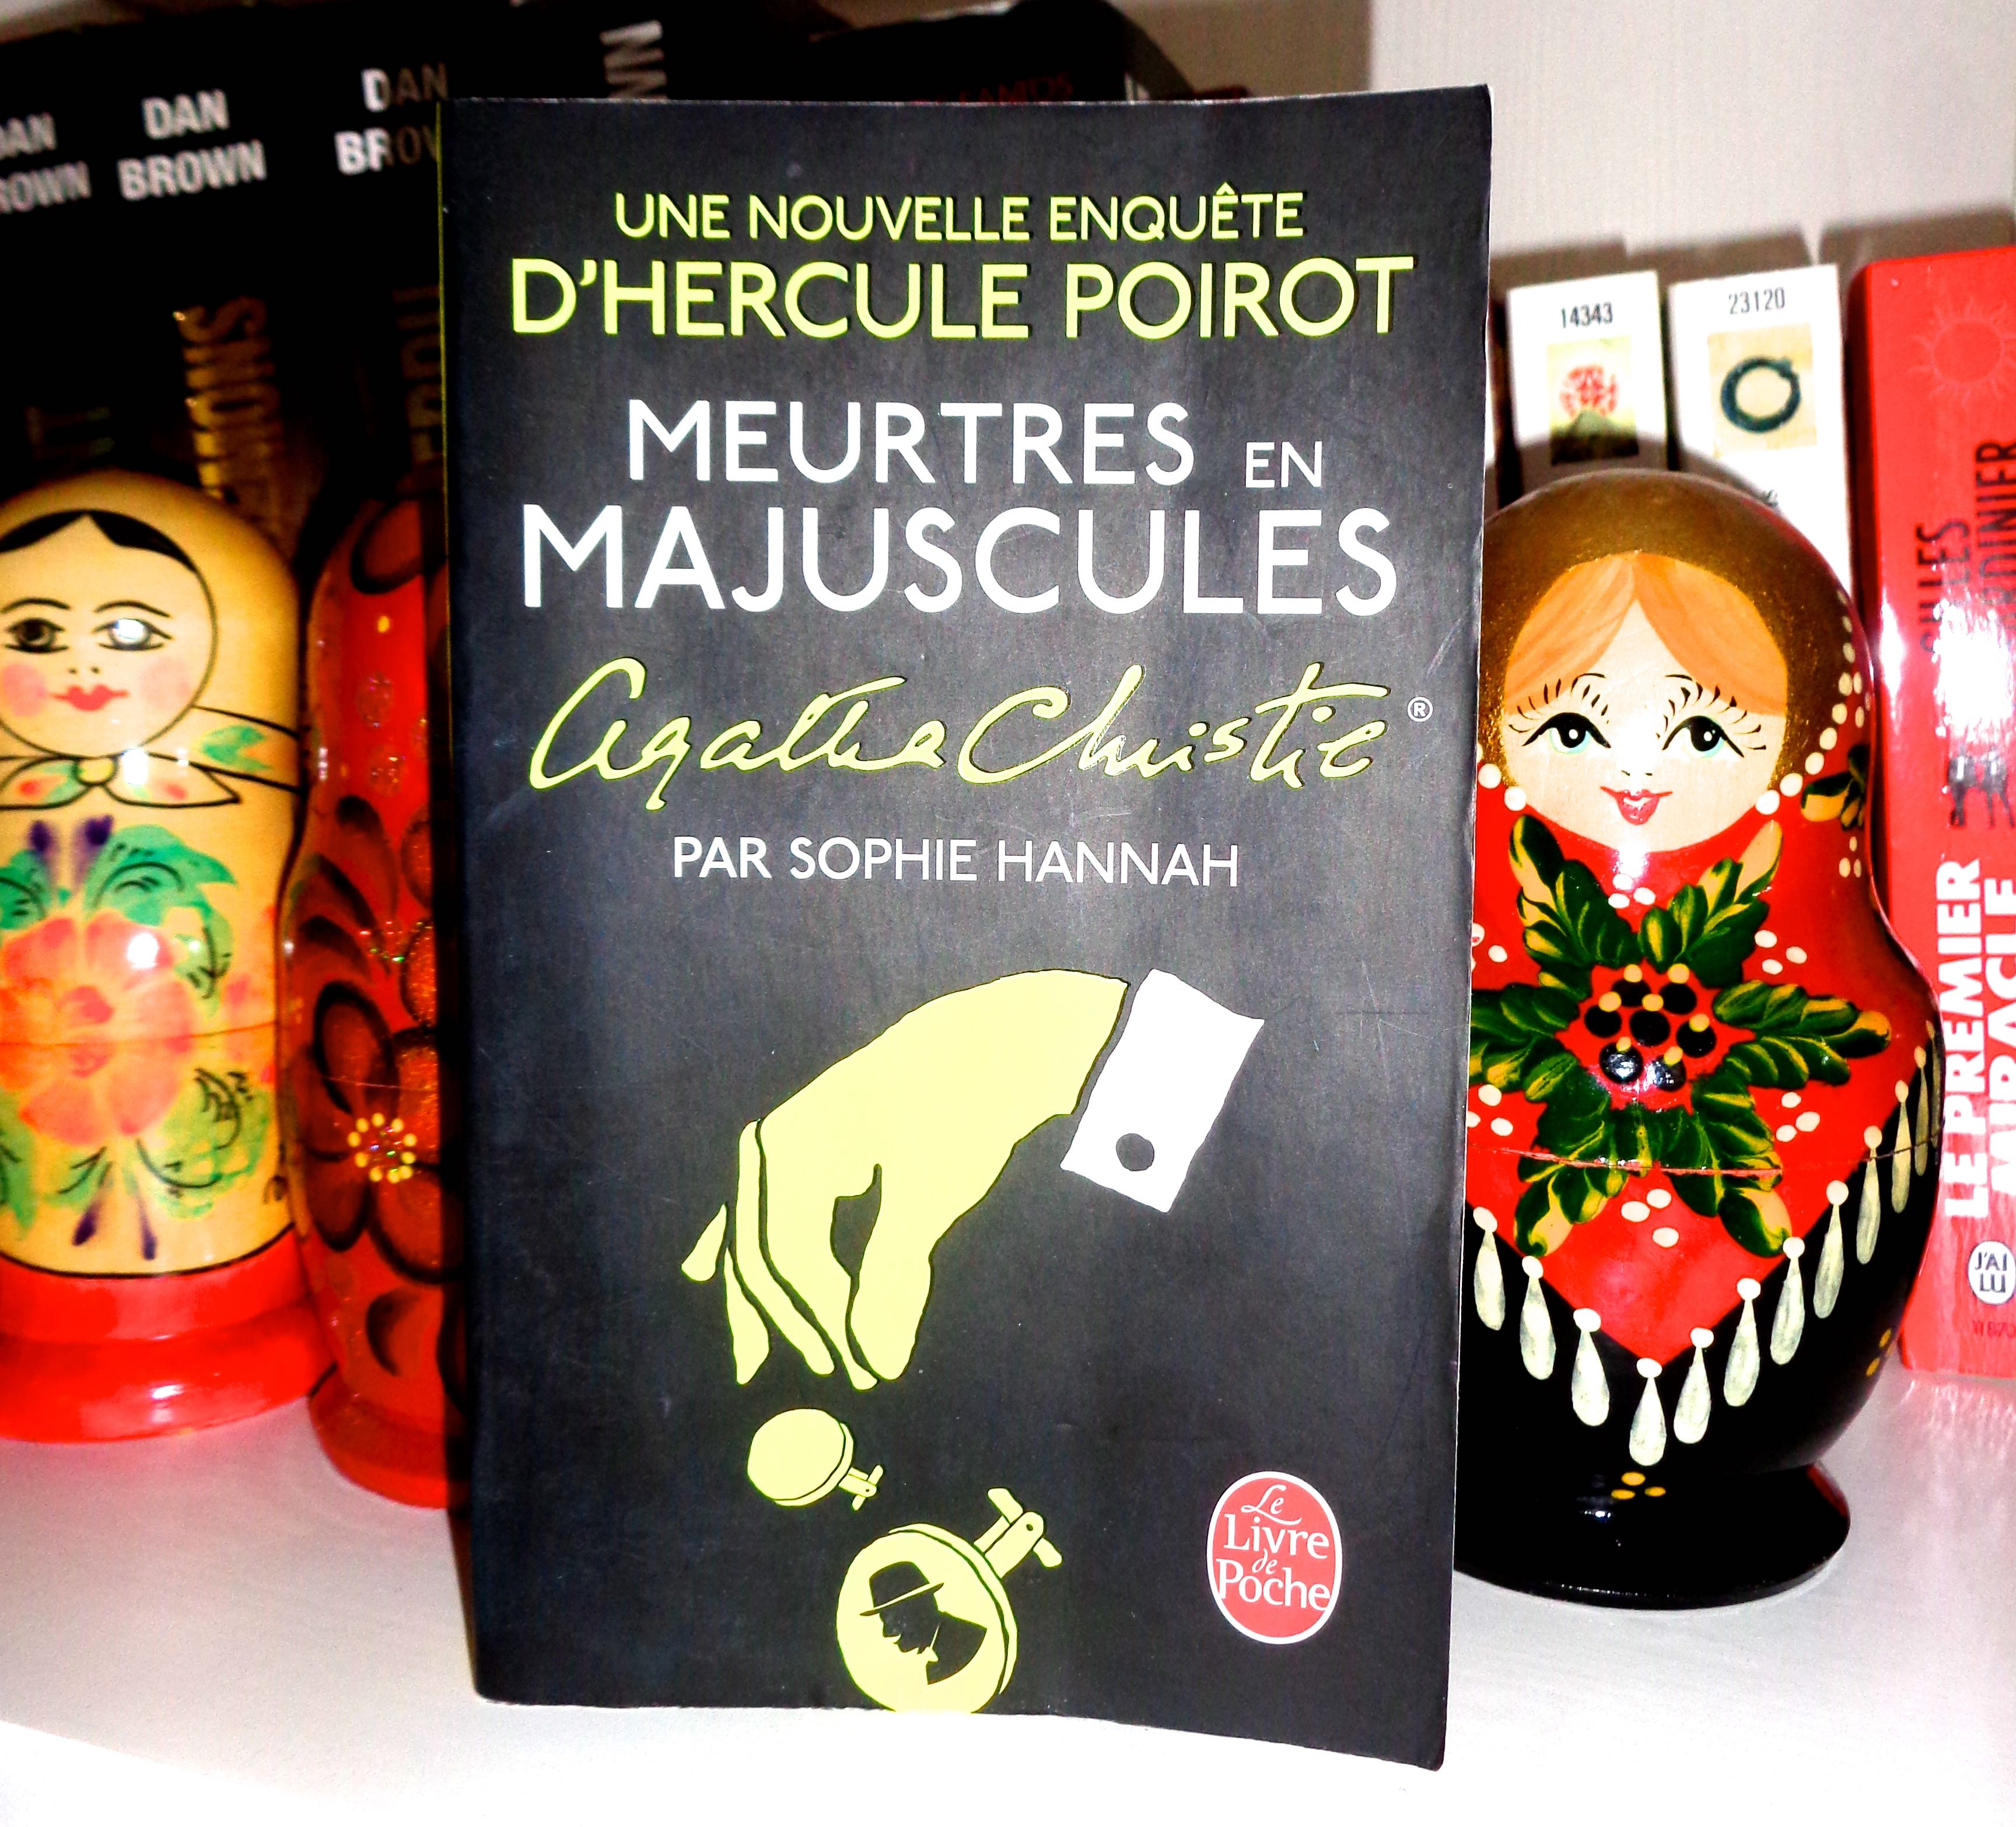 [Lecture] Meurtres en majuscules – une nouvelle enquête d'Hercule Poirot – par Sophie Hannah